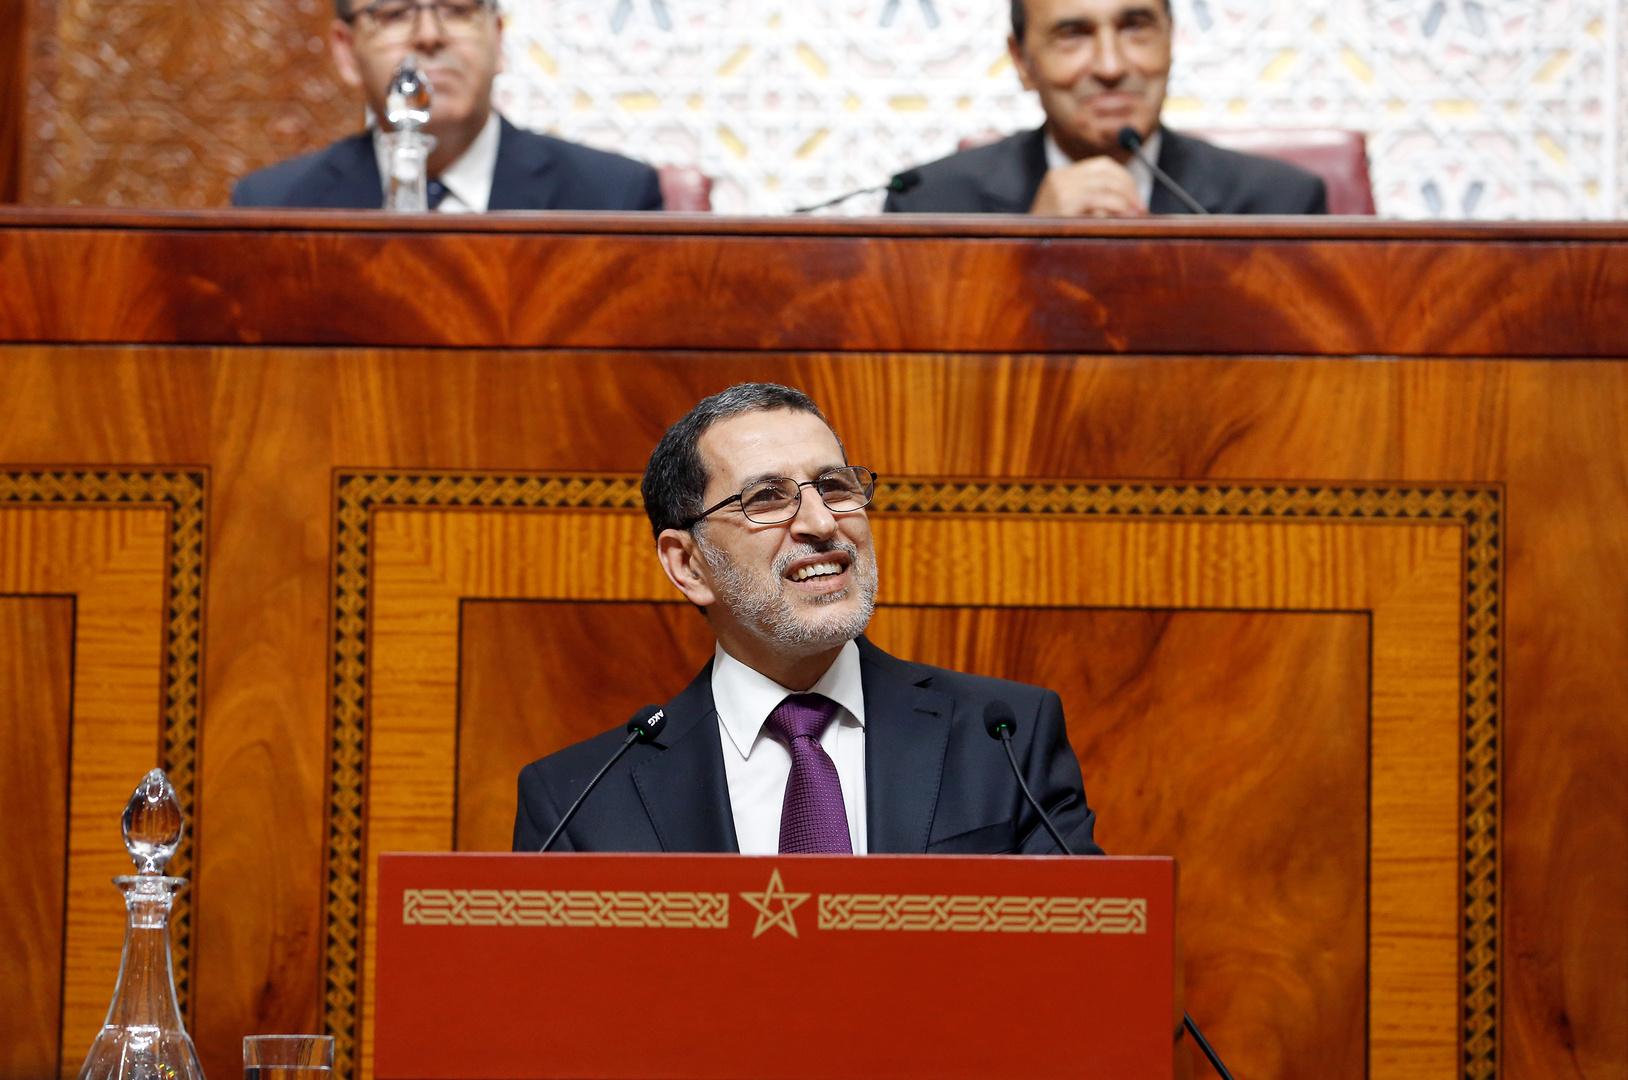 سعد الدين العثماني الأمين العام لحزب العدالة والتنمية المغربي ورئيس الحكومة المغربية.